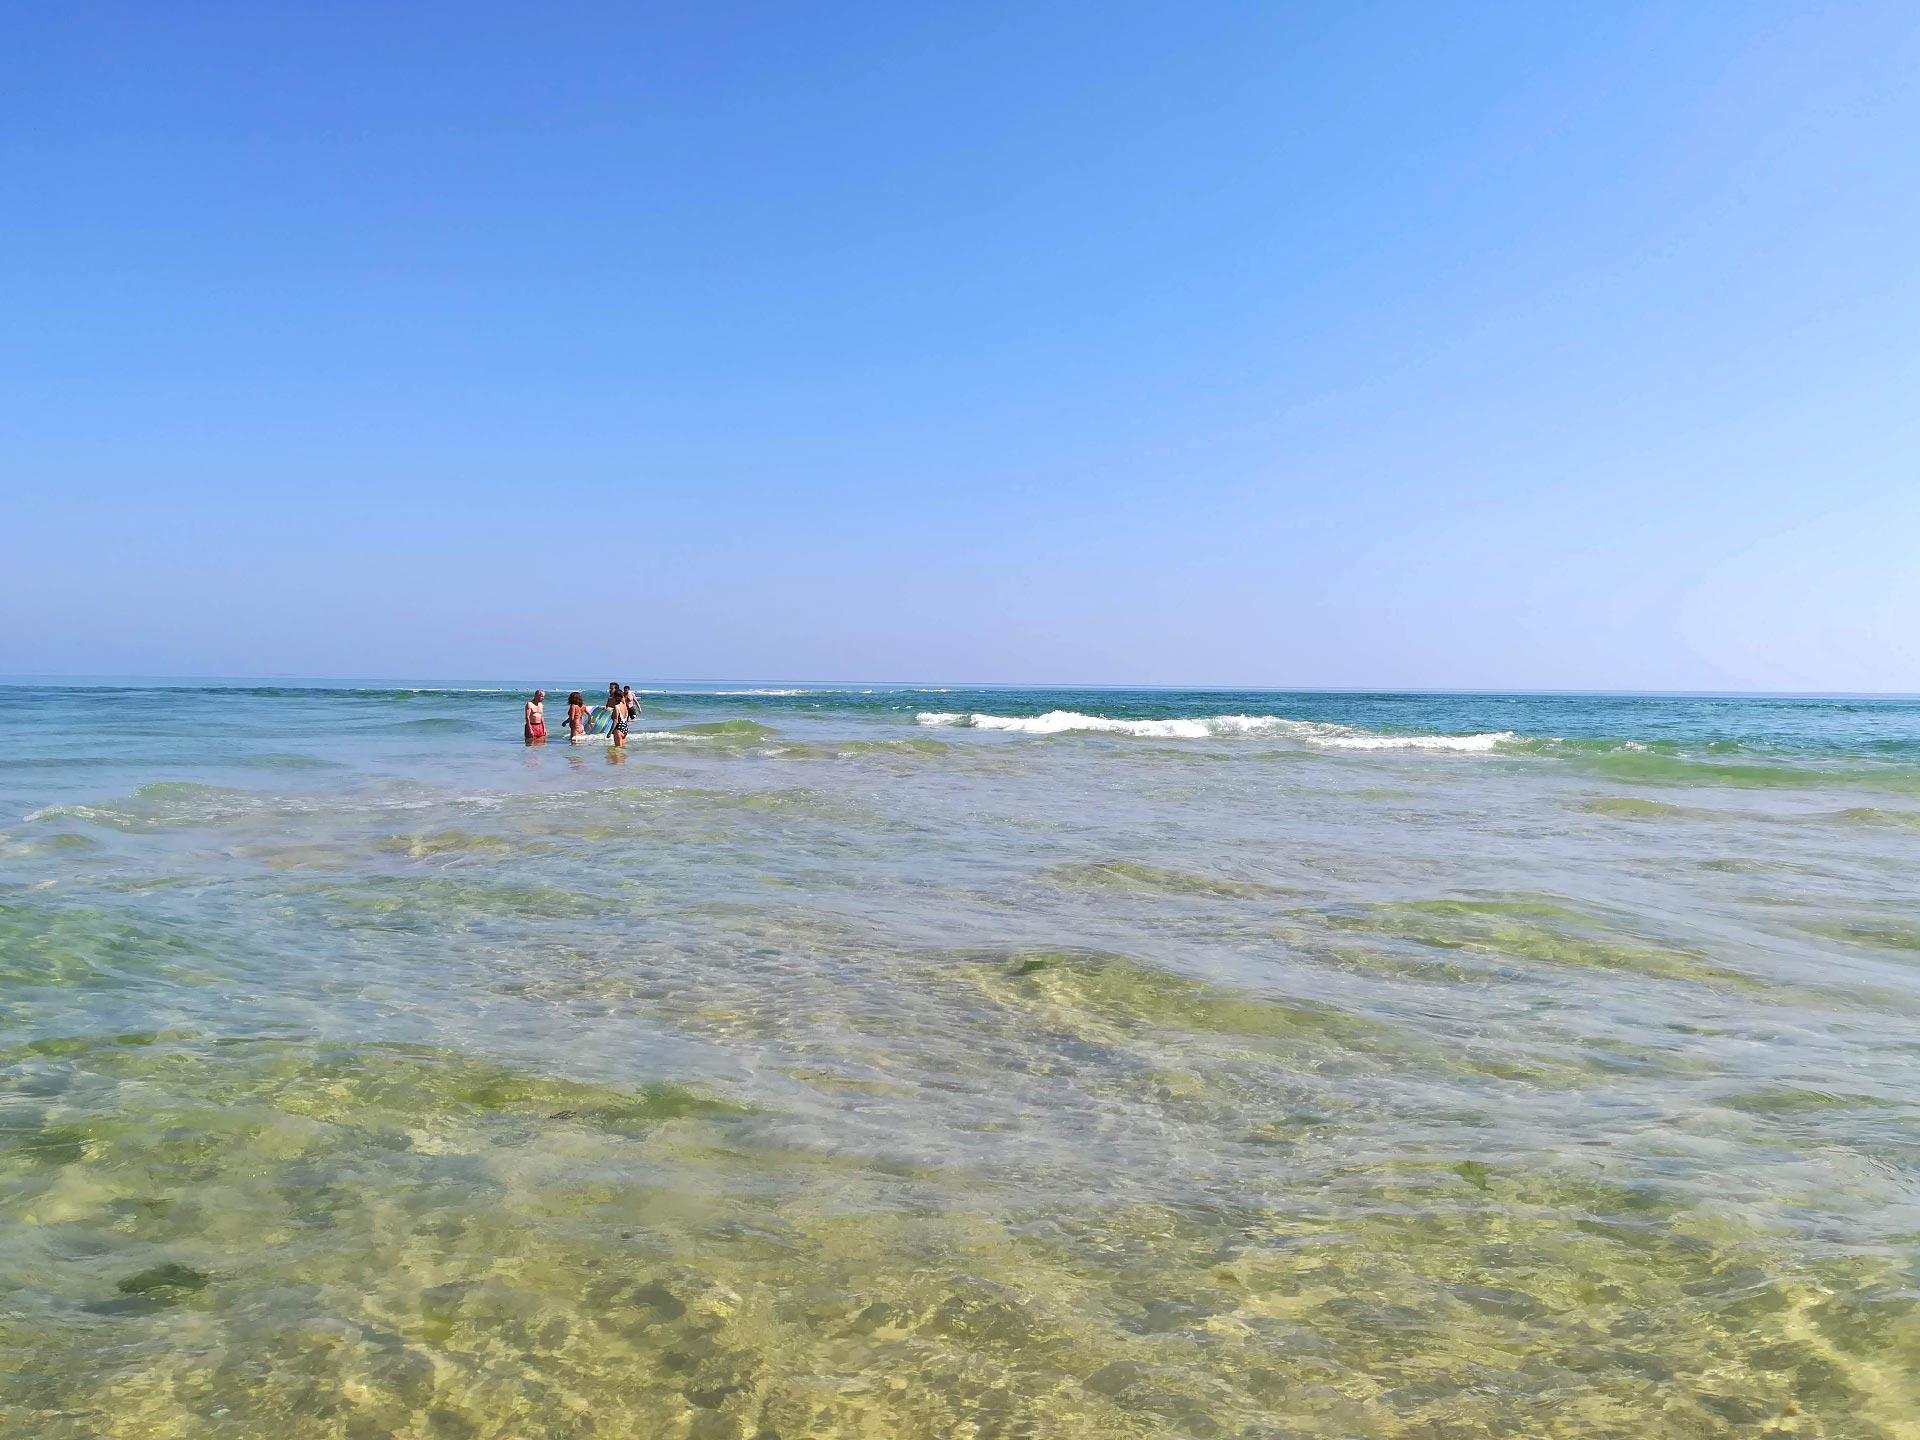 Il mare cristallino di Ilha da Armona, Faro, Algarve, Portogallo